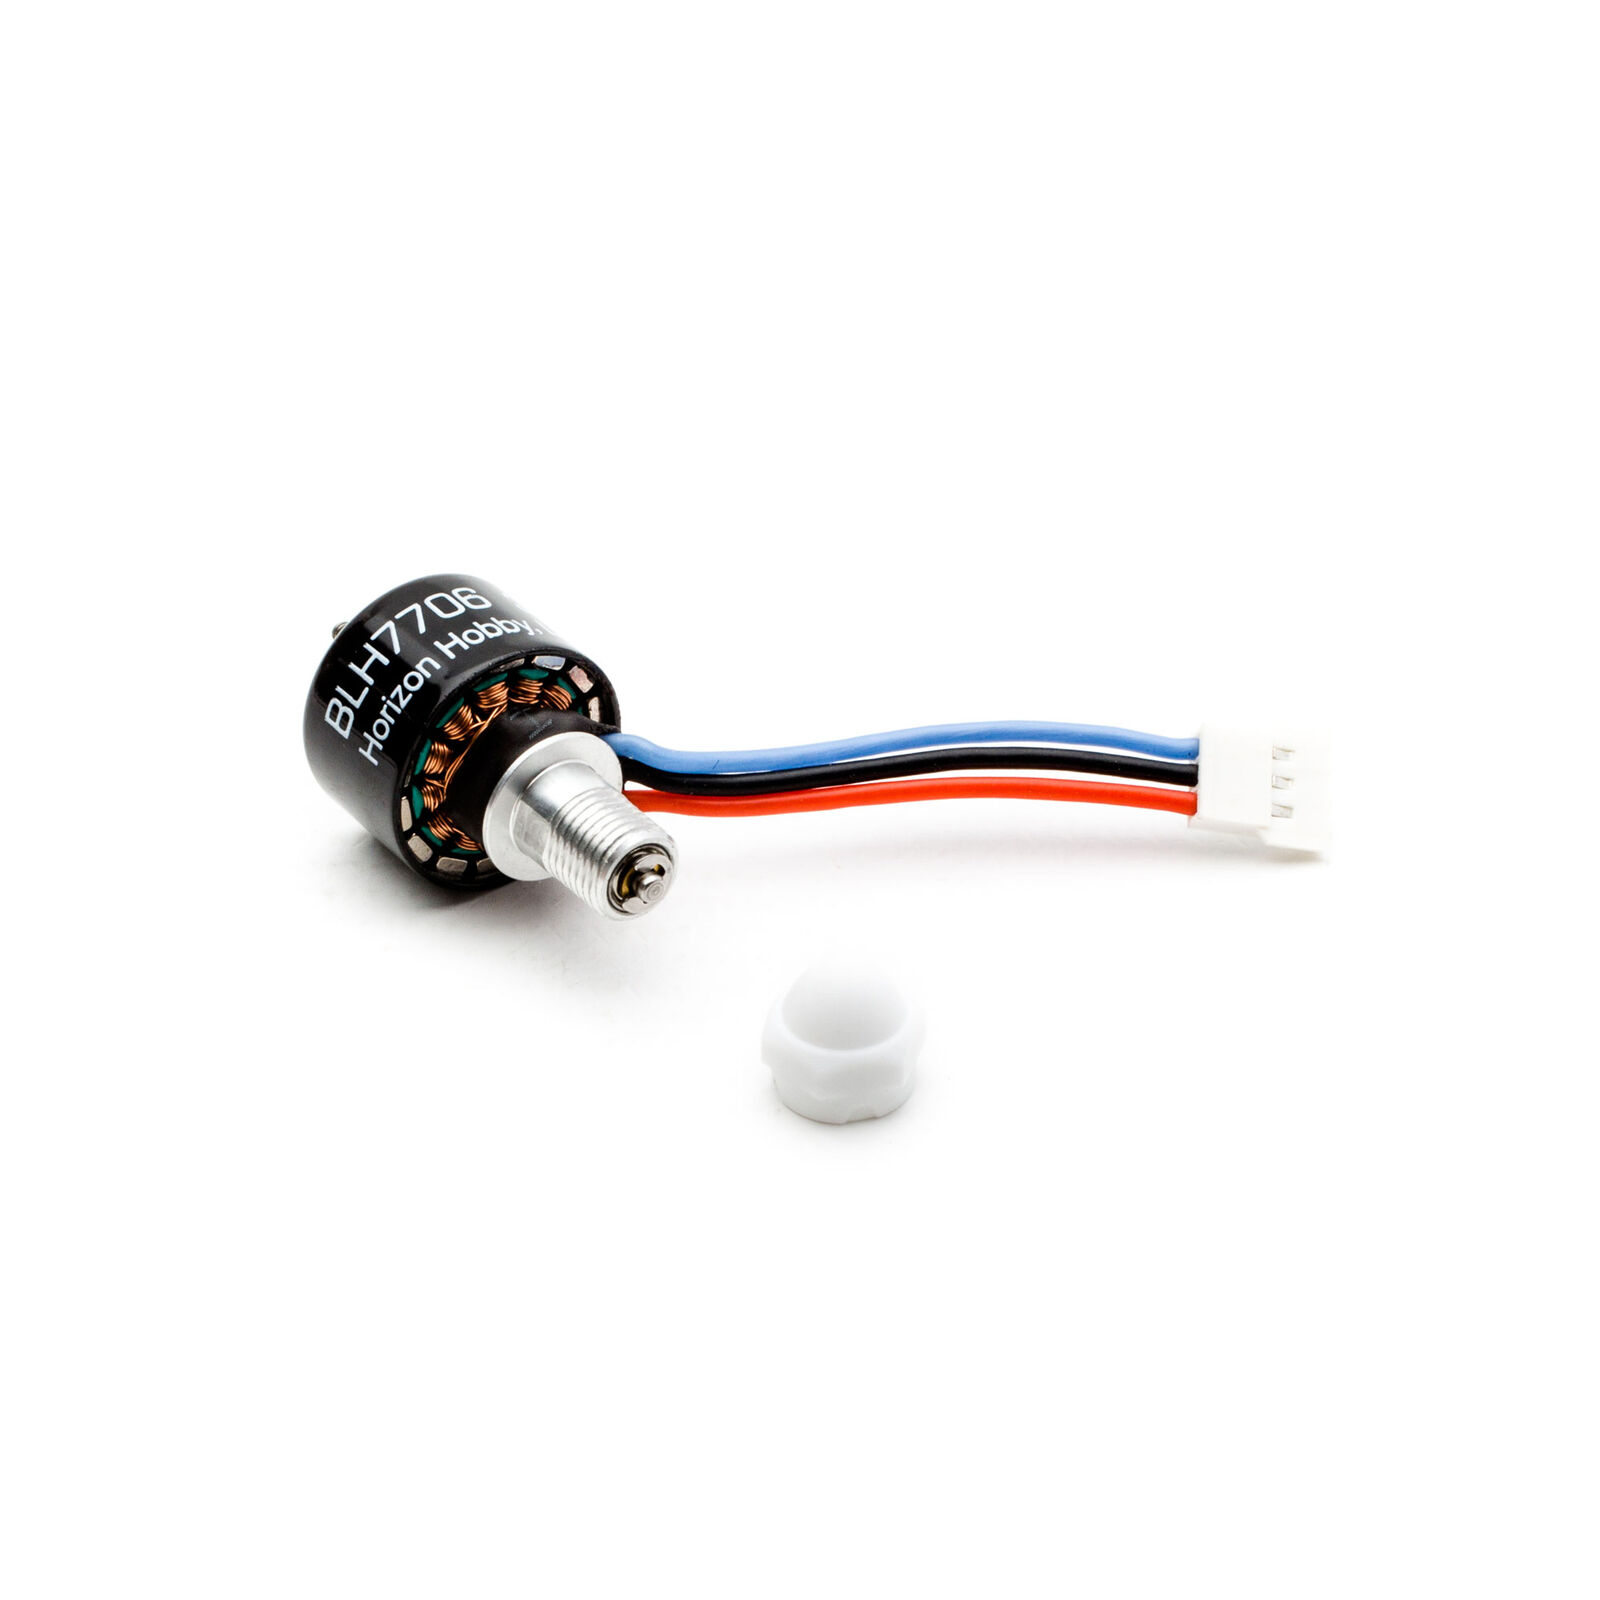 Brushless Motor, Reverse Thread: 200 QX